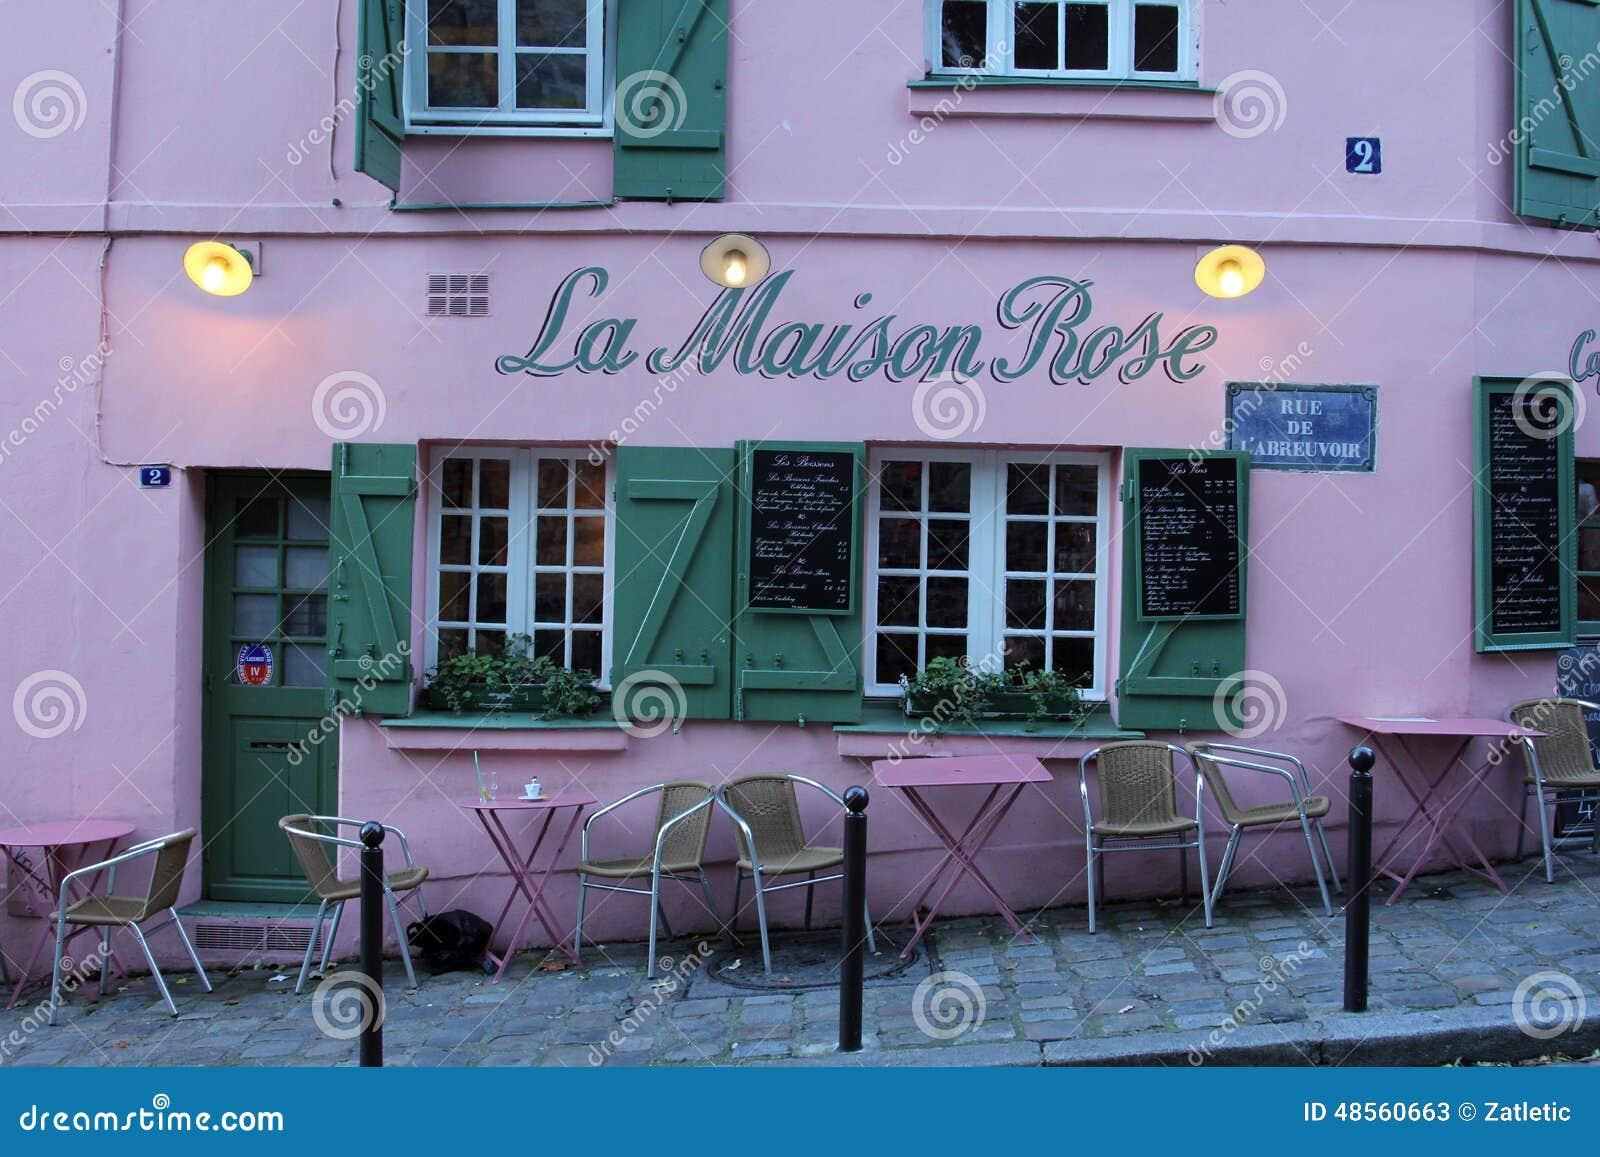 La maison rose restaurant on montmartre in paris editorial stock photo image 48560663 - La maison paris 17 ...